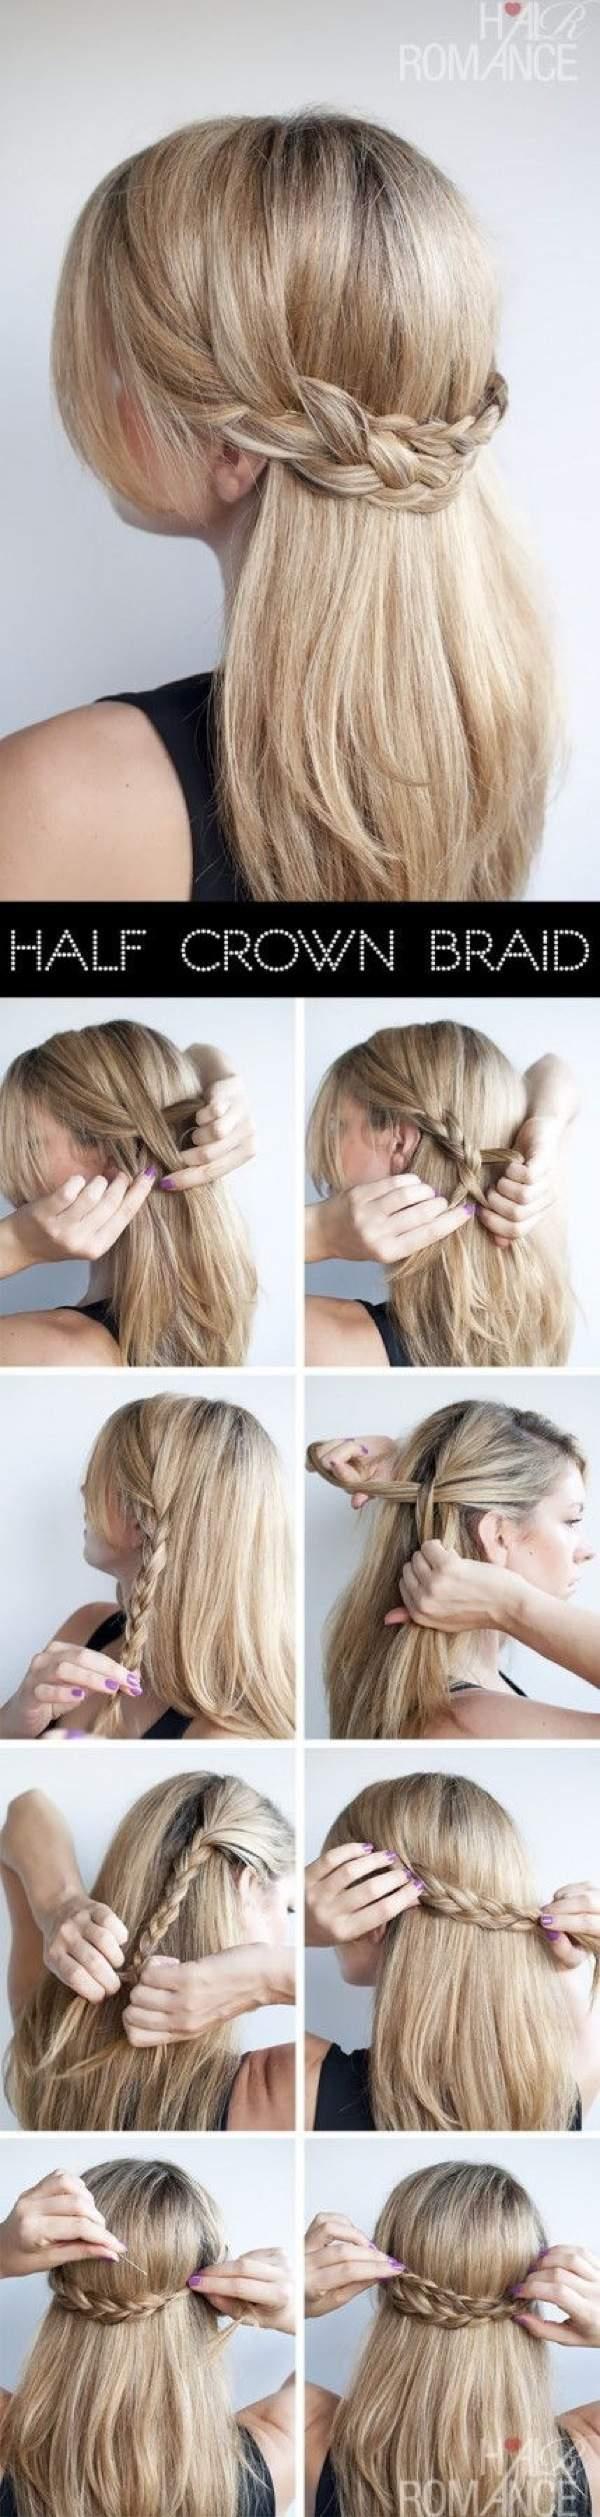 косичка по краю волос схема